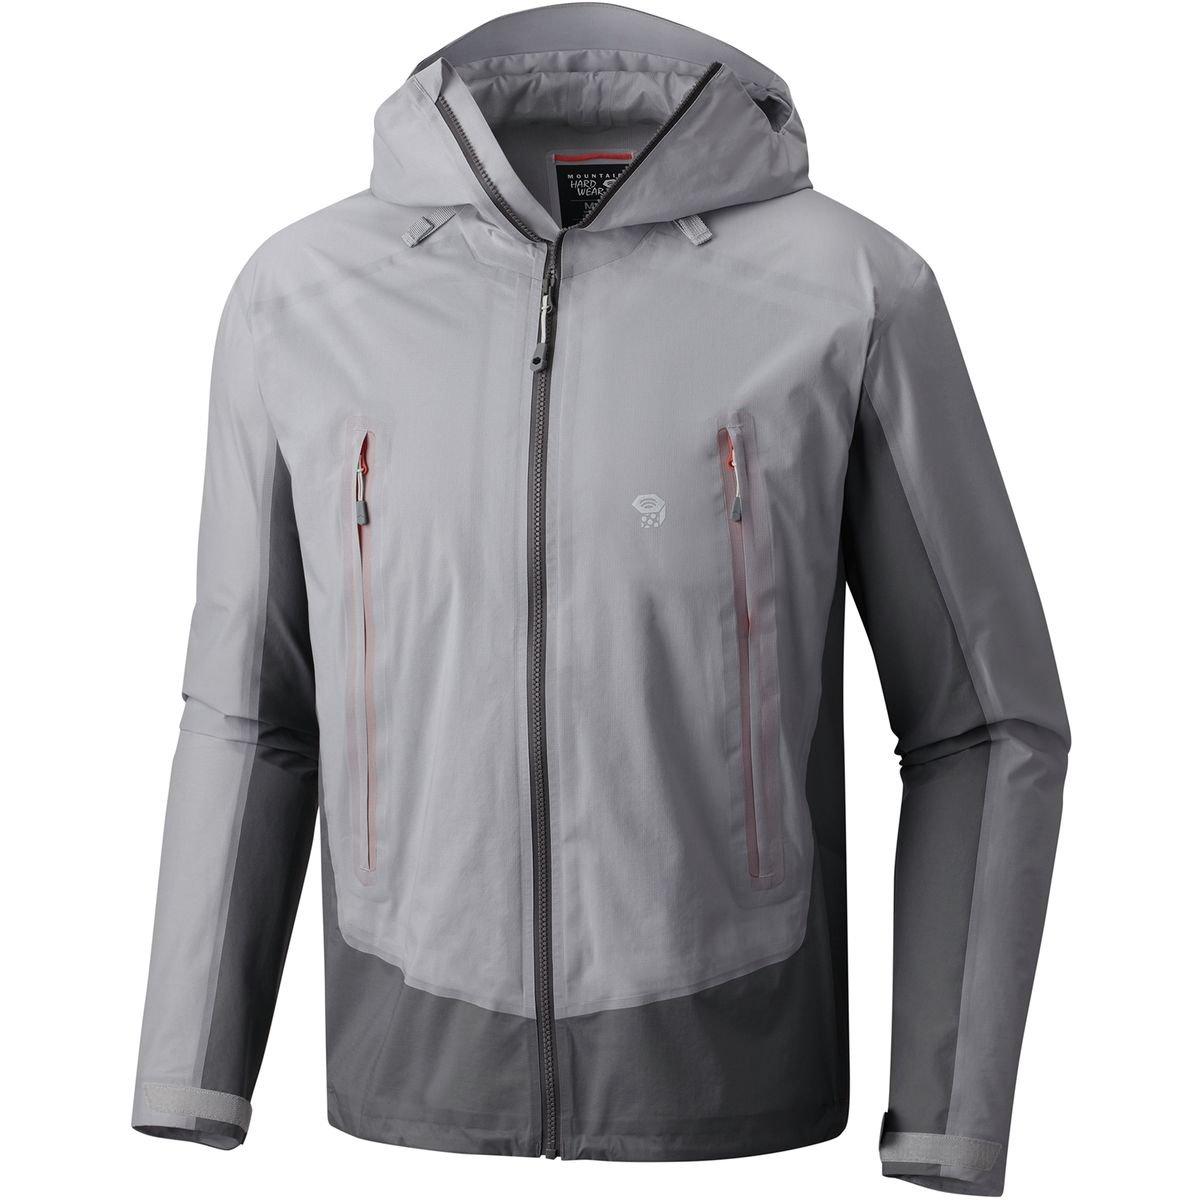 格安新品  Mountain Hardwear Quasar Lite Men II Mountain Grey Jacket – Men 's B079BLB2JS Small|Grey Ice/Manta Grey Grey Ice/Manta Grey Small, DEFF大きいサイズメンズ:8b0b52b5 --- arianechie.dominiotemporario.com